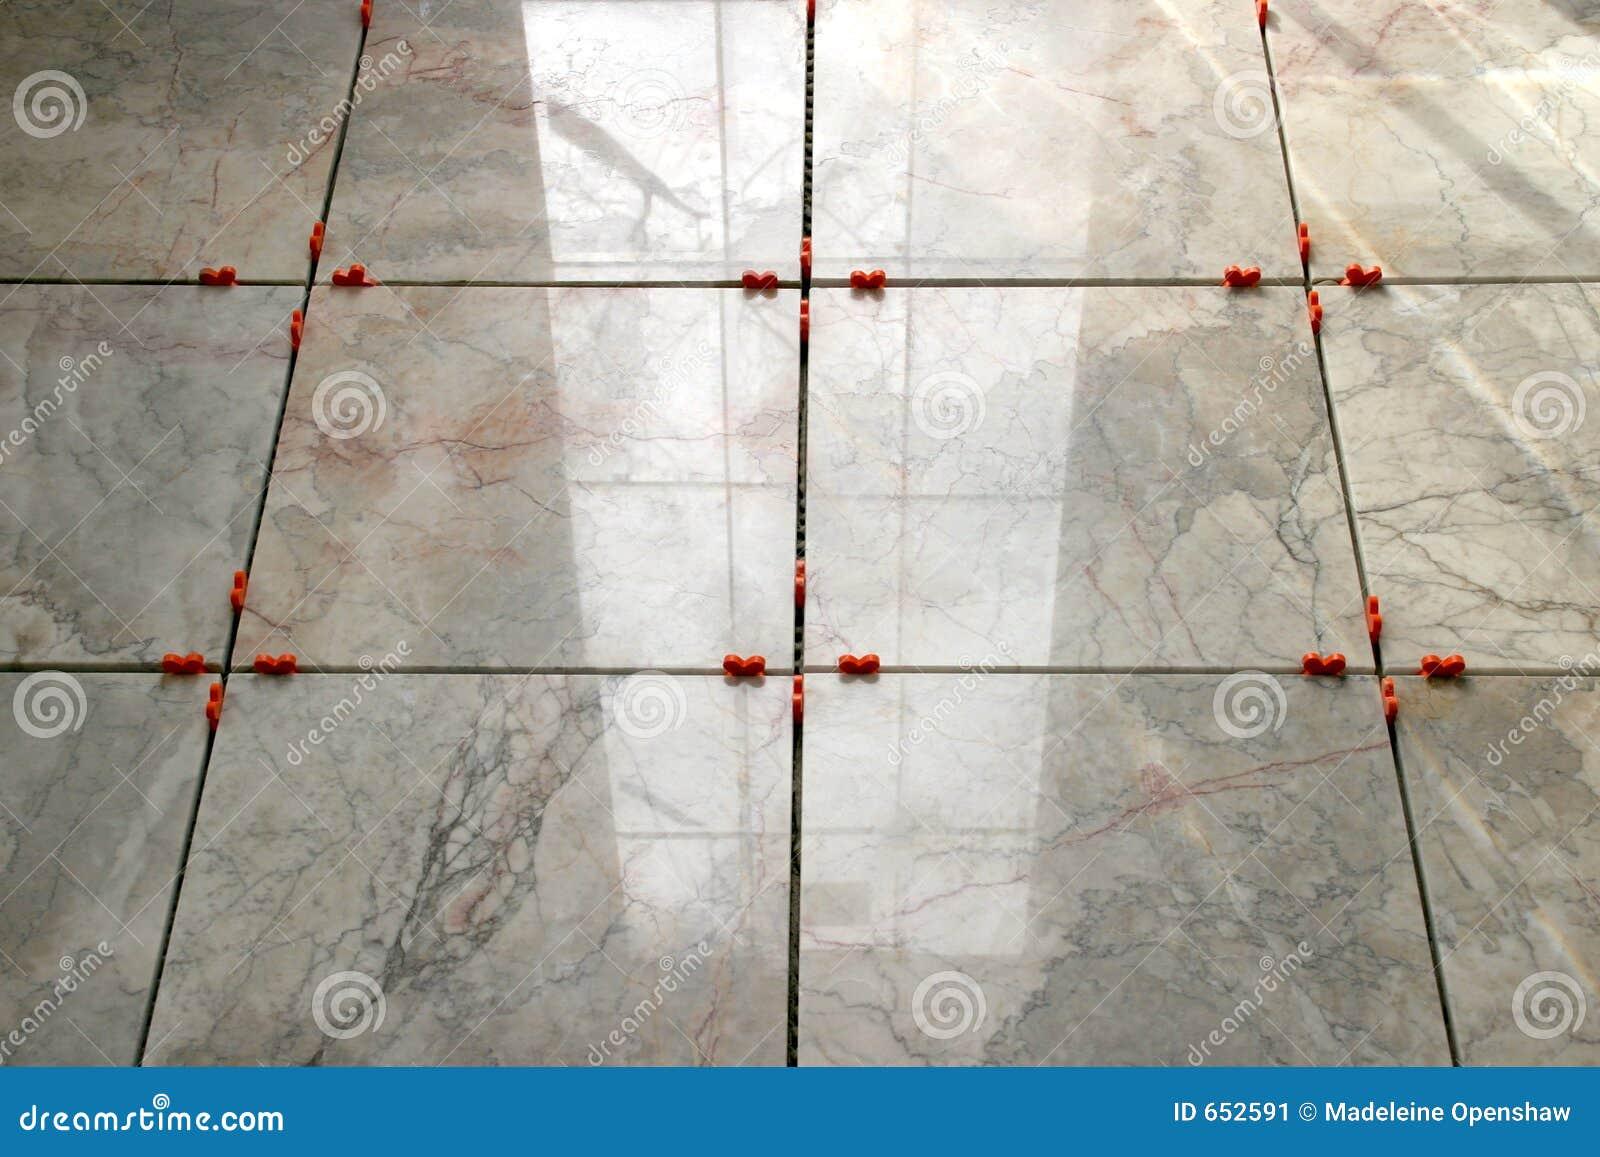 Marmor Fliesen 5 Stockbild Bild Von Gemarmort Zeile Bewurf 652591